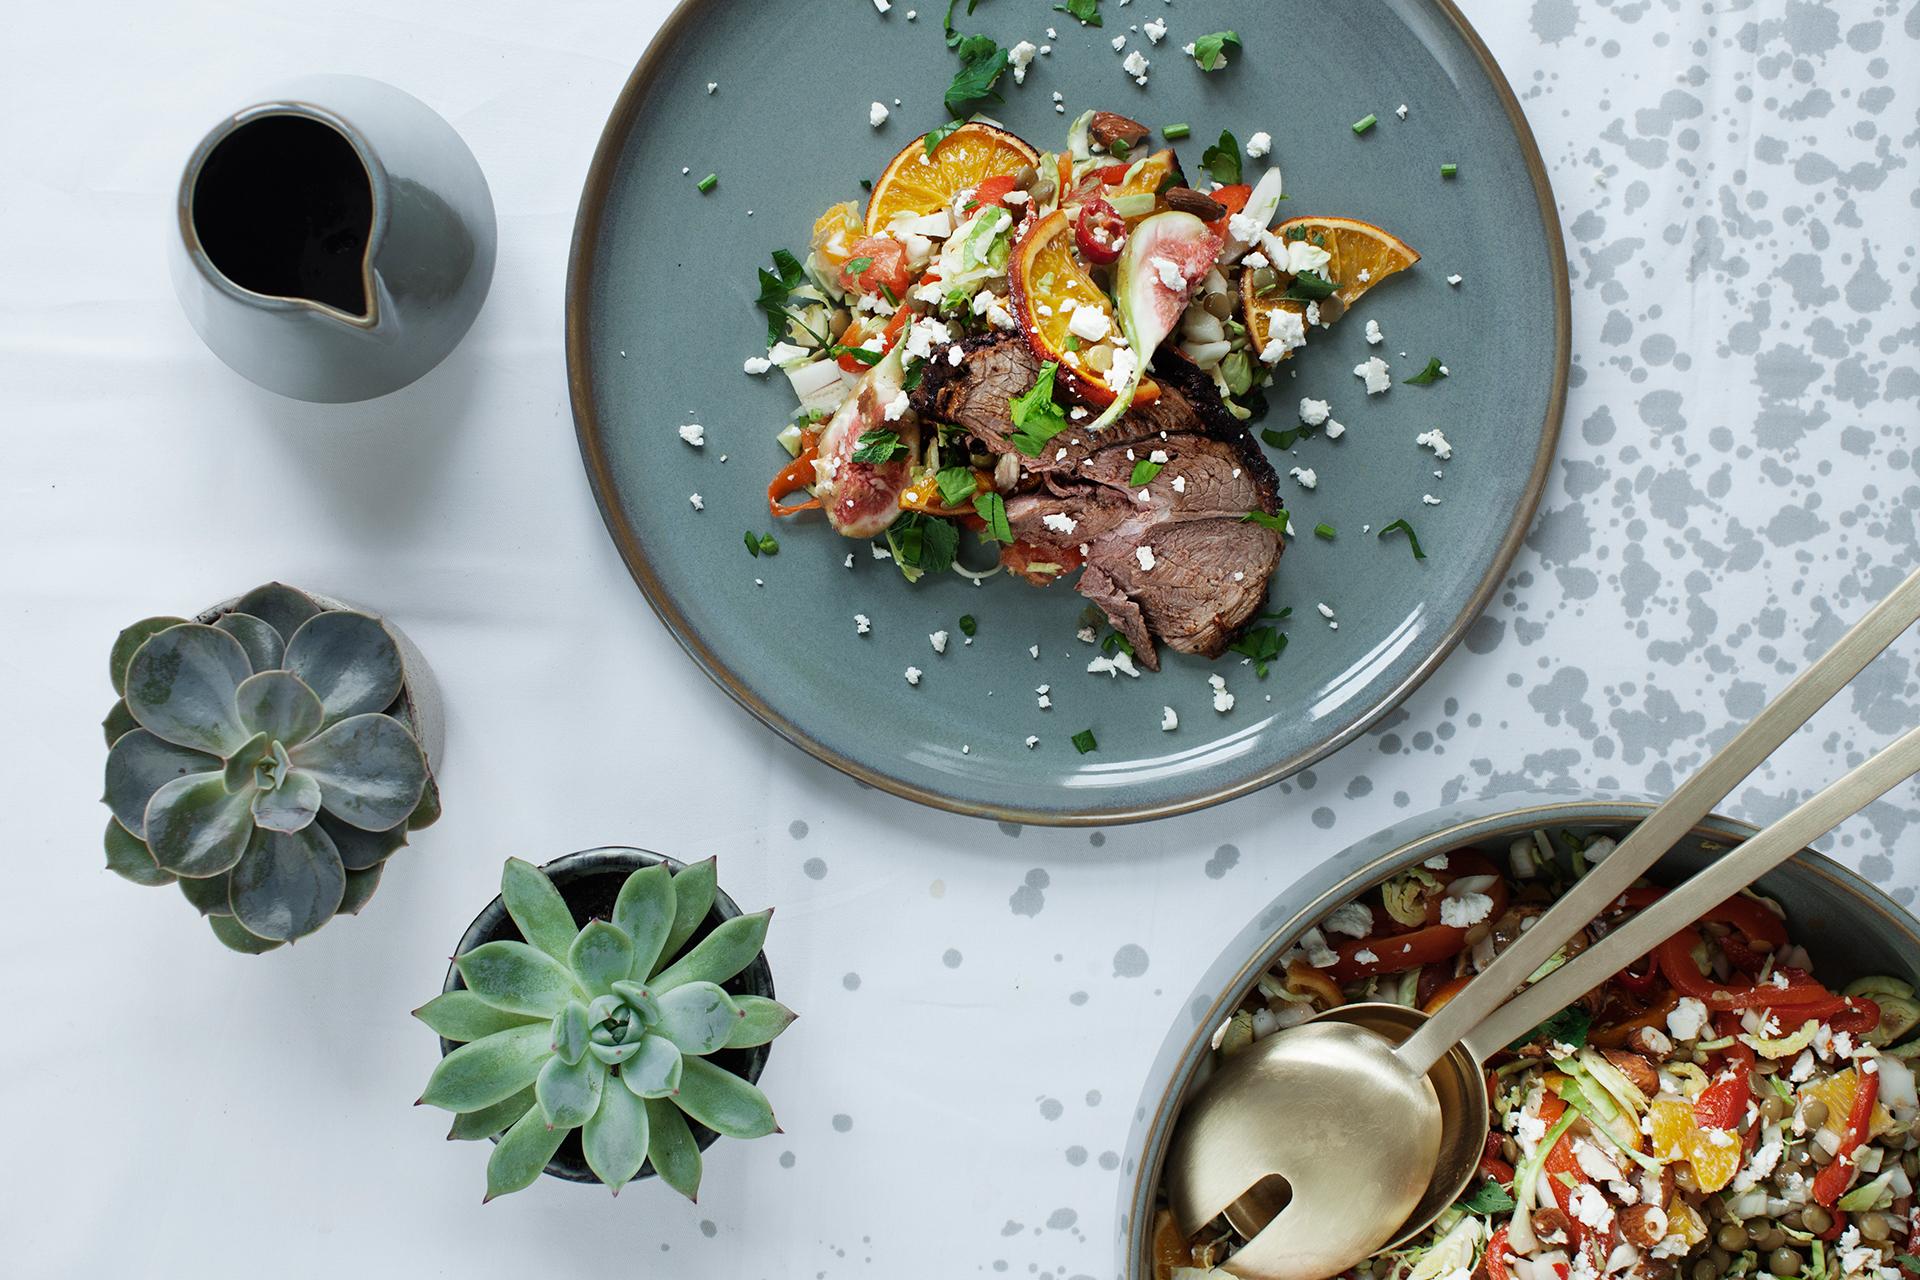 Recipe: Lentil Salad Recipe